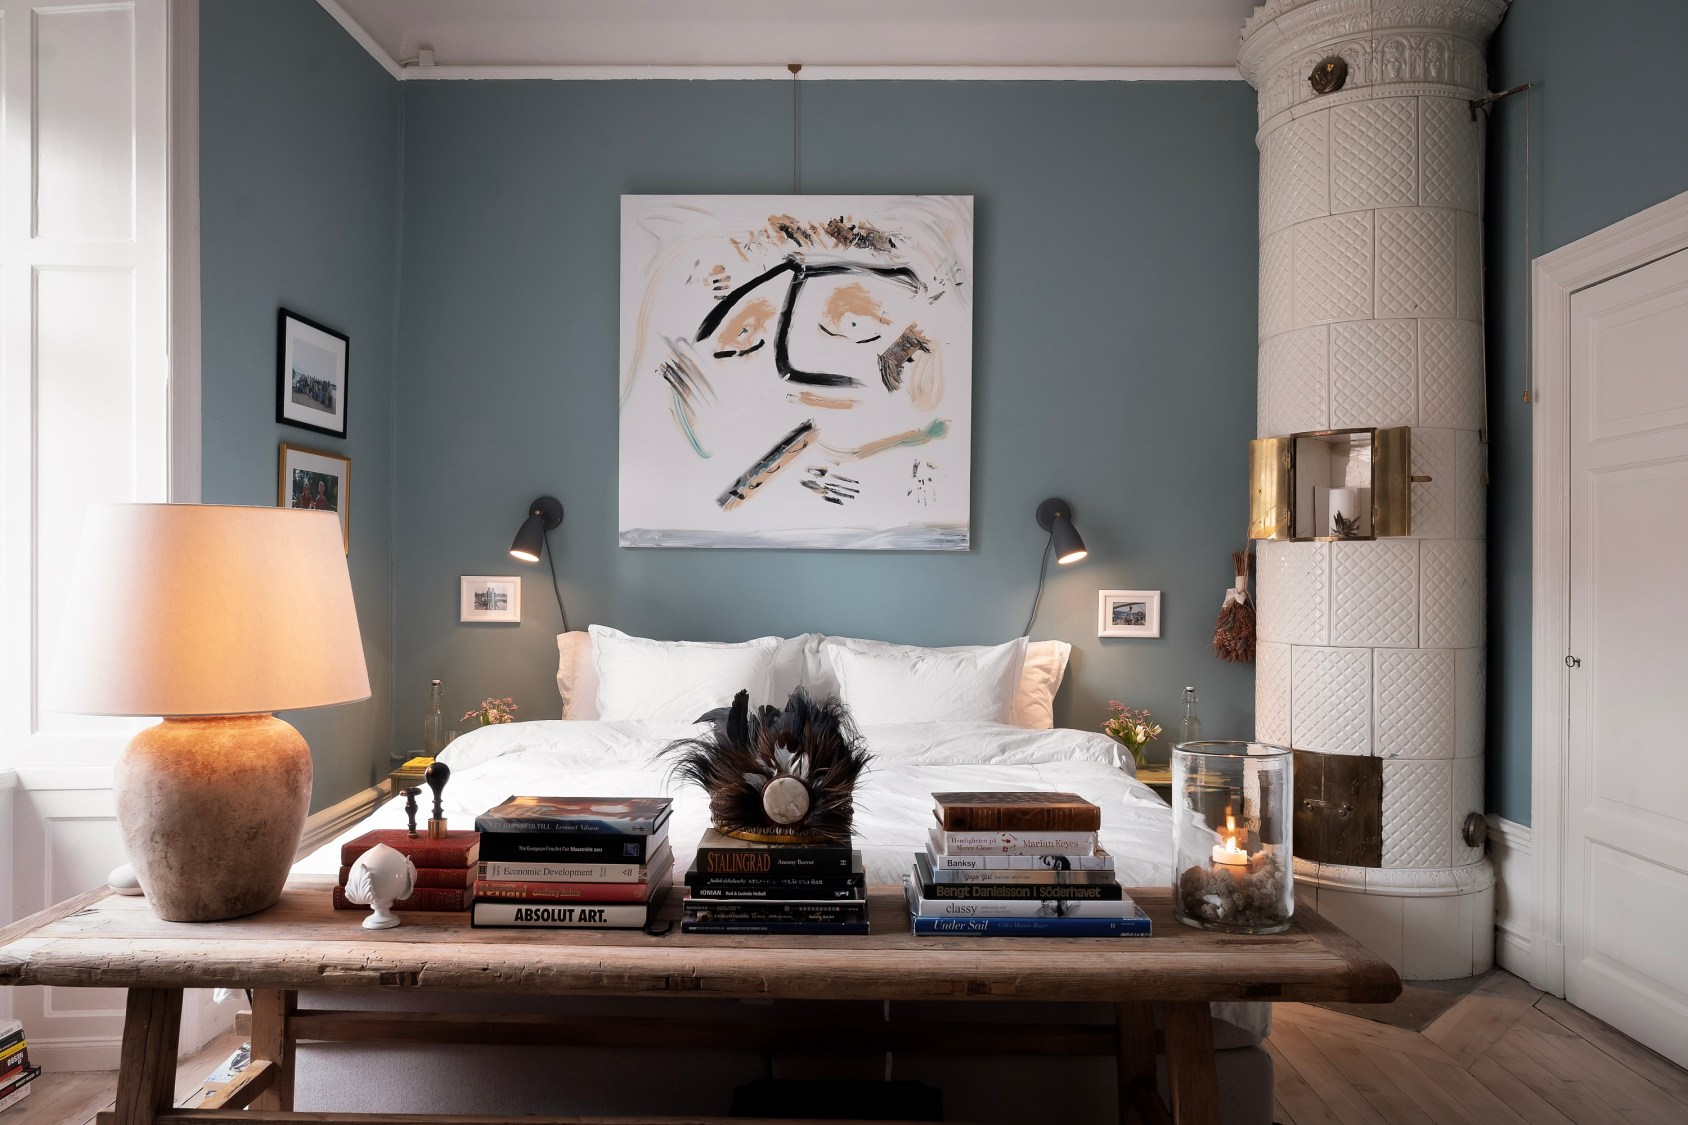 спальня печь скамья кровать